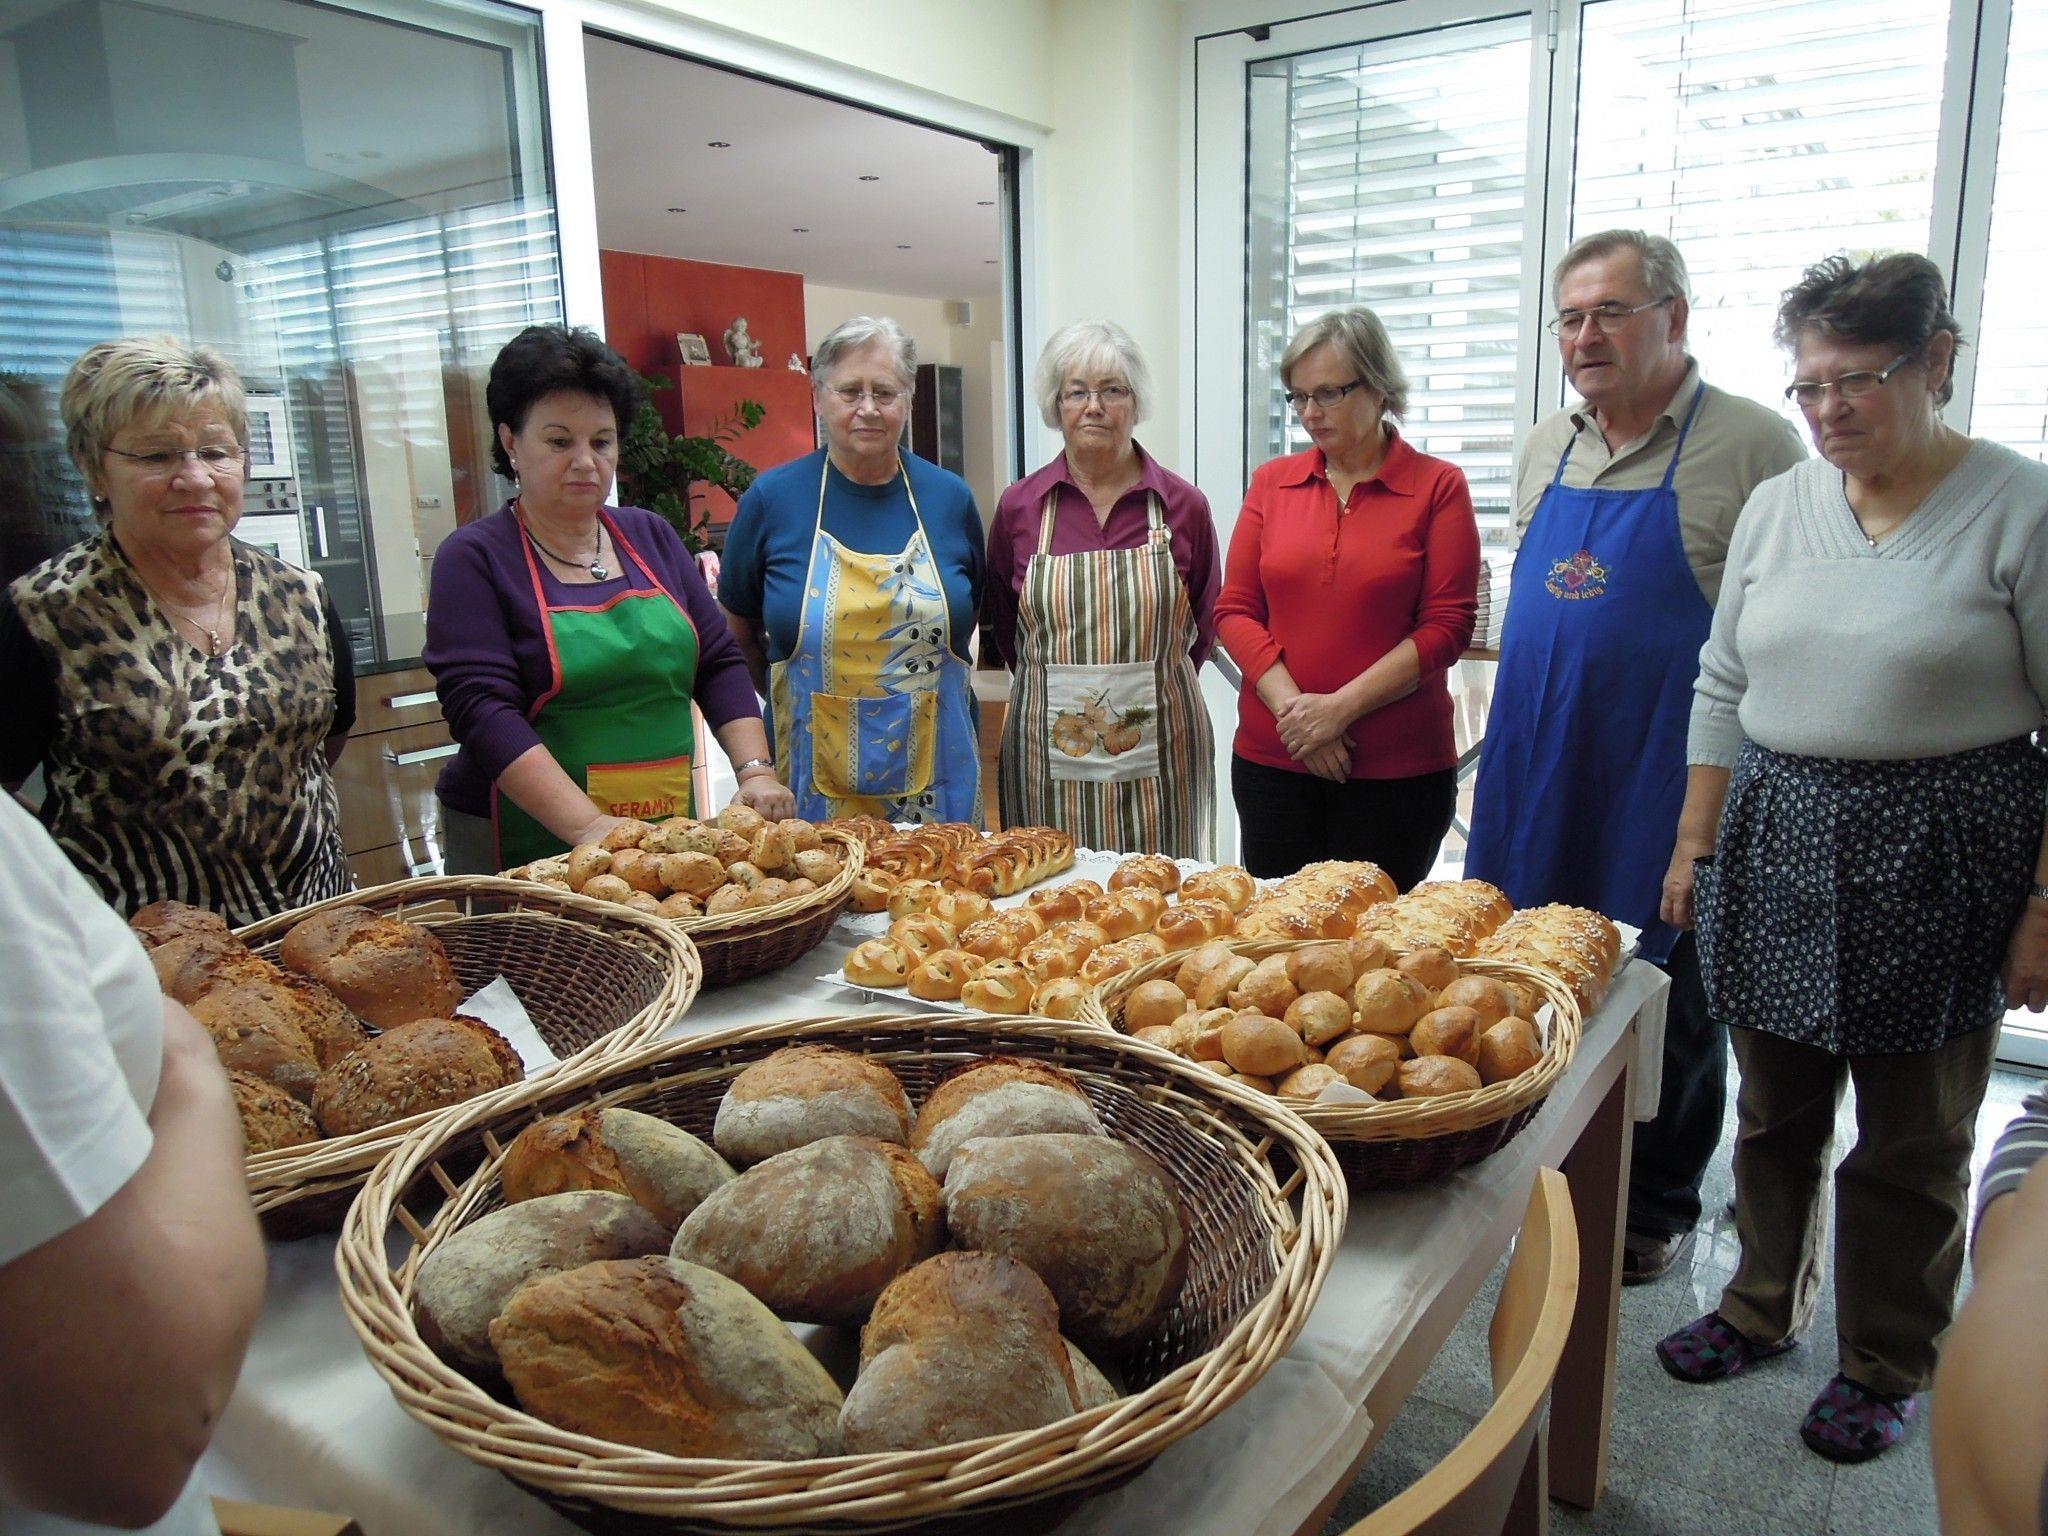 Mit Stolz betrachten dieTeilnehmer das fertige Brot.